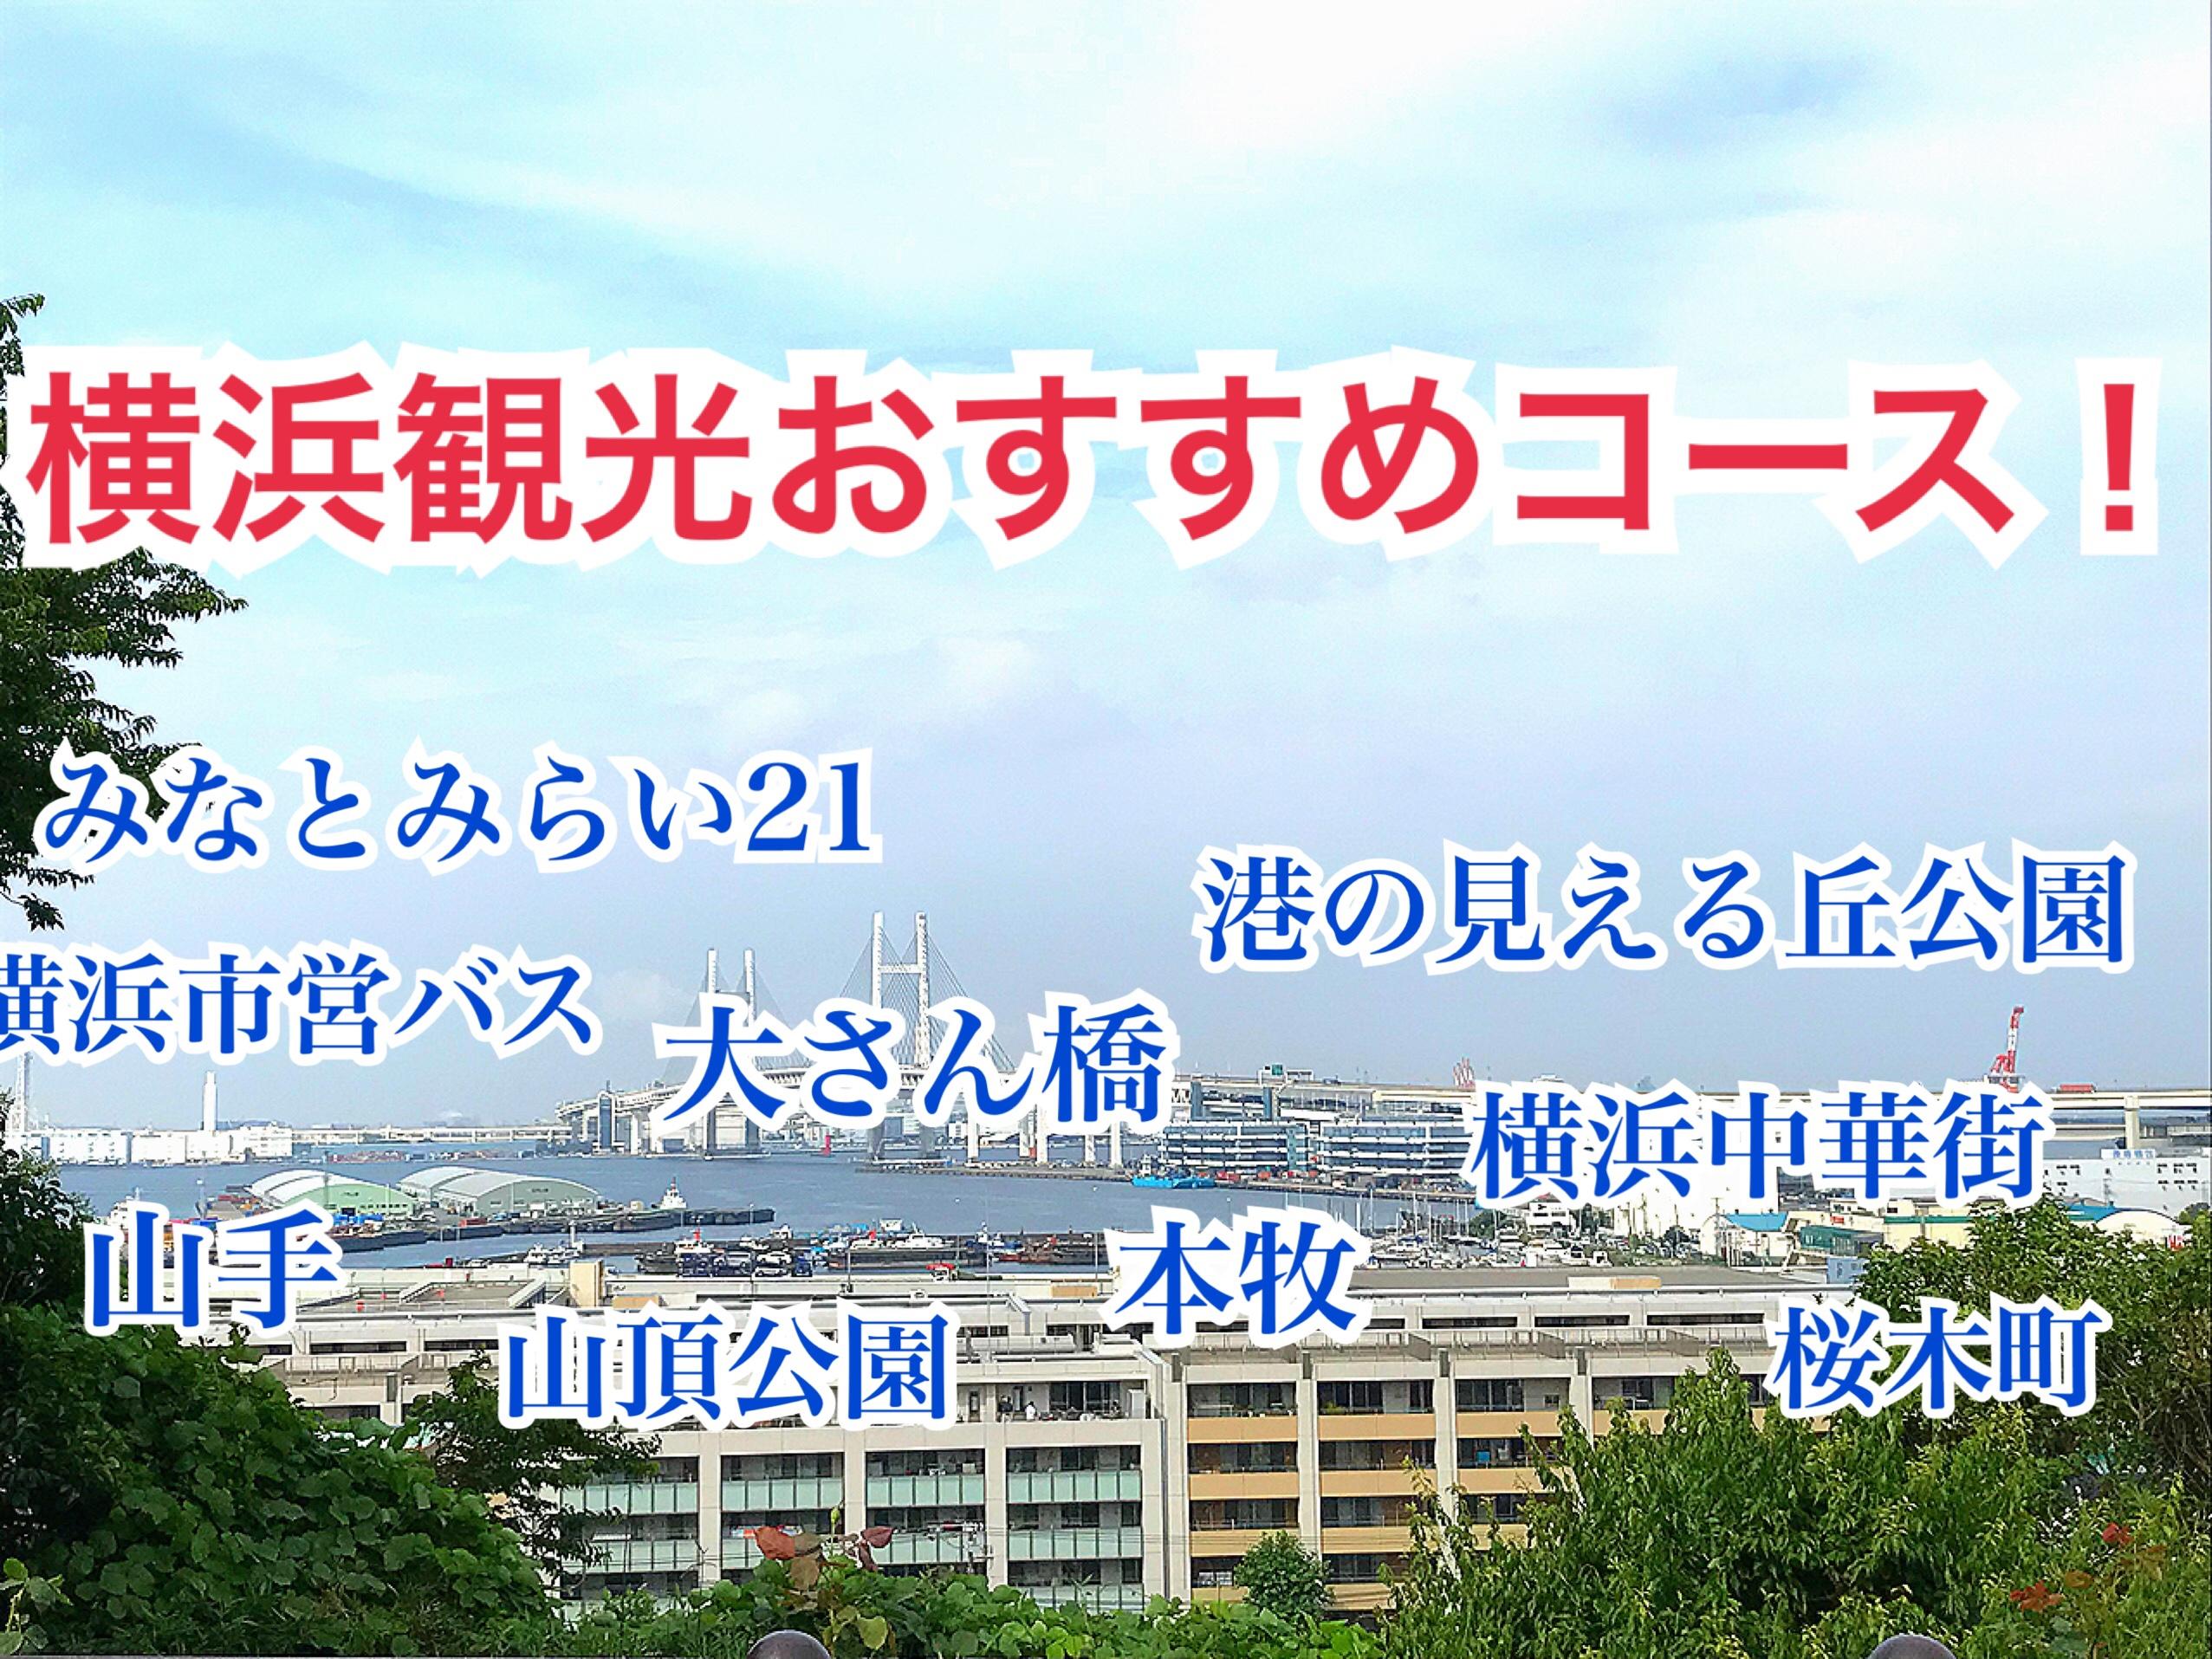 【みなとみらい】横浜観光のルートはこれで決まり!1日横浜を満喫!【横浜探訪】